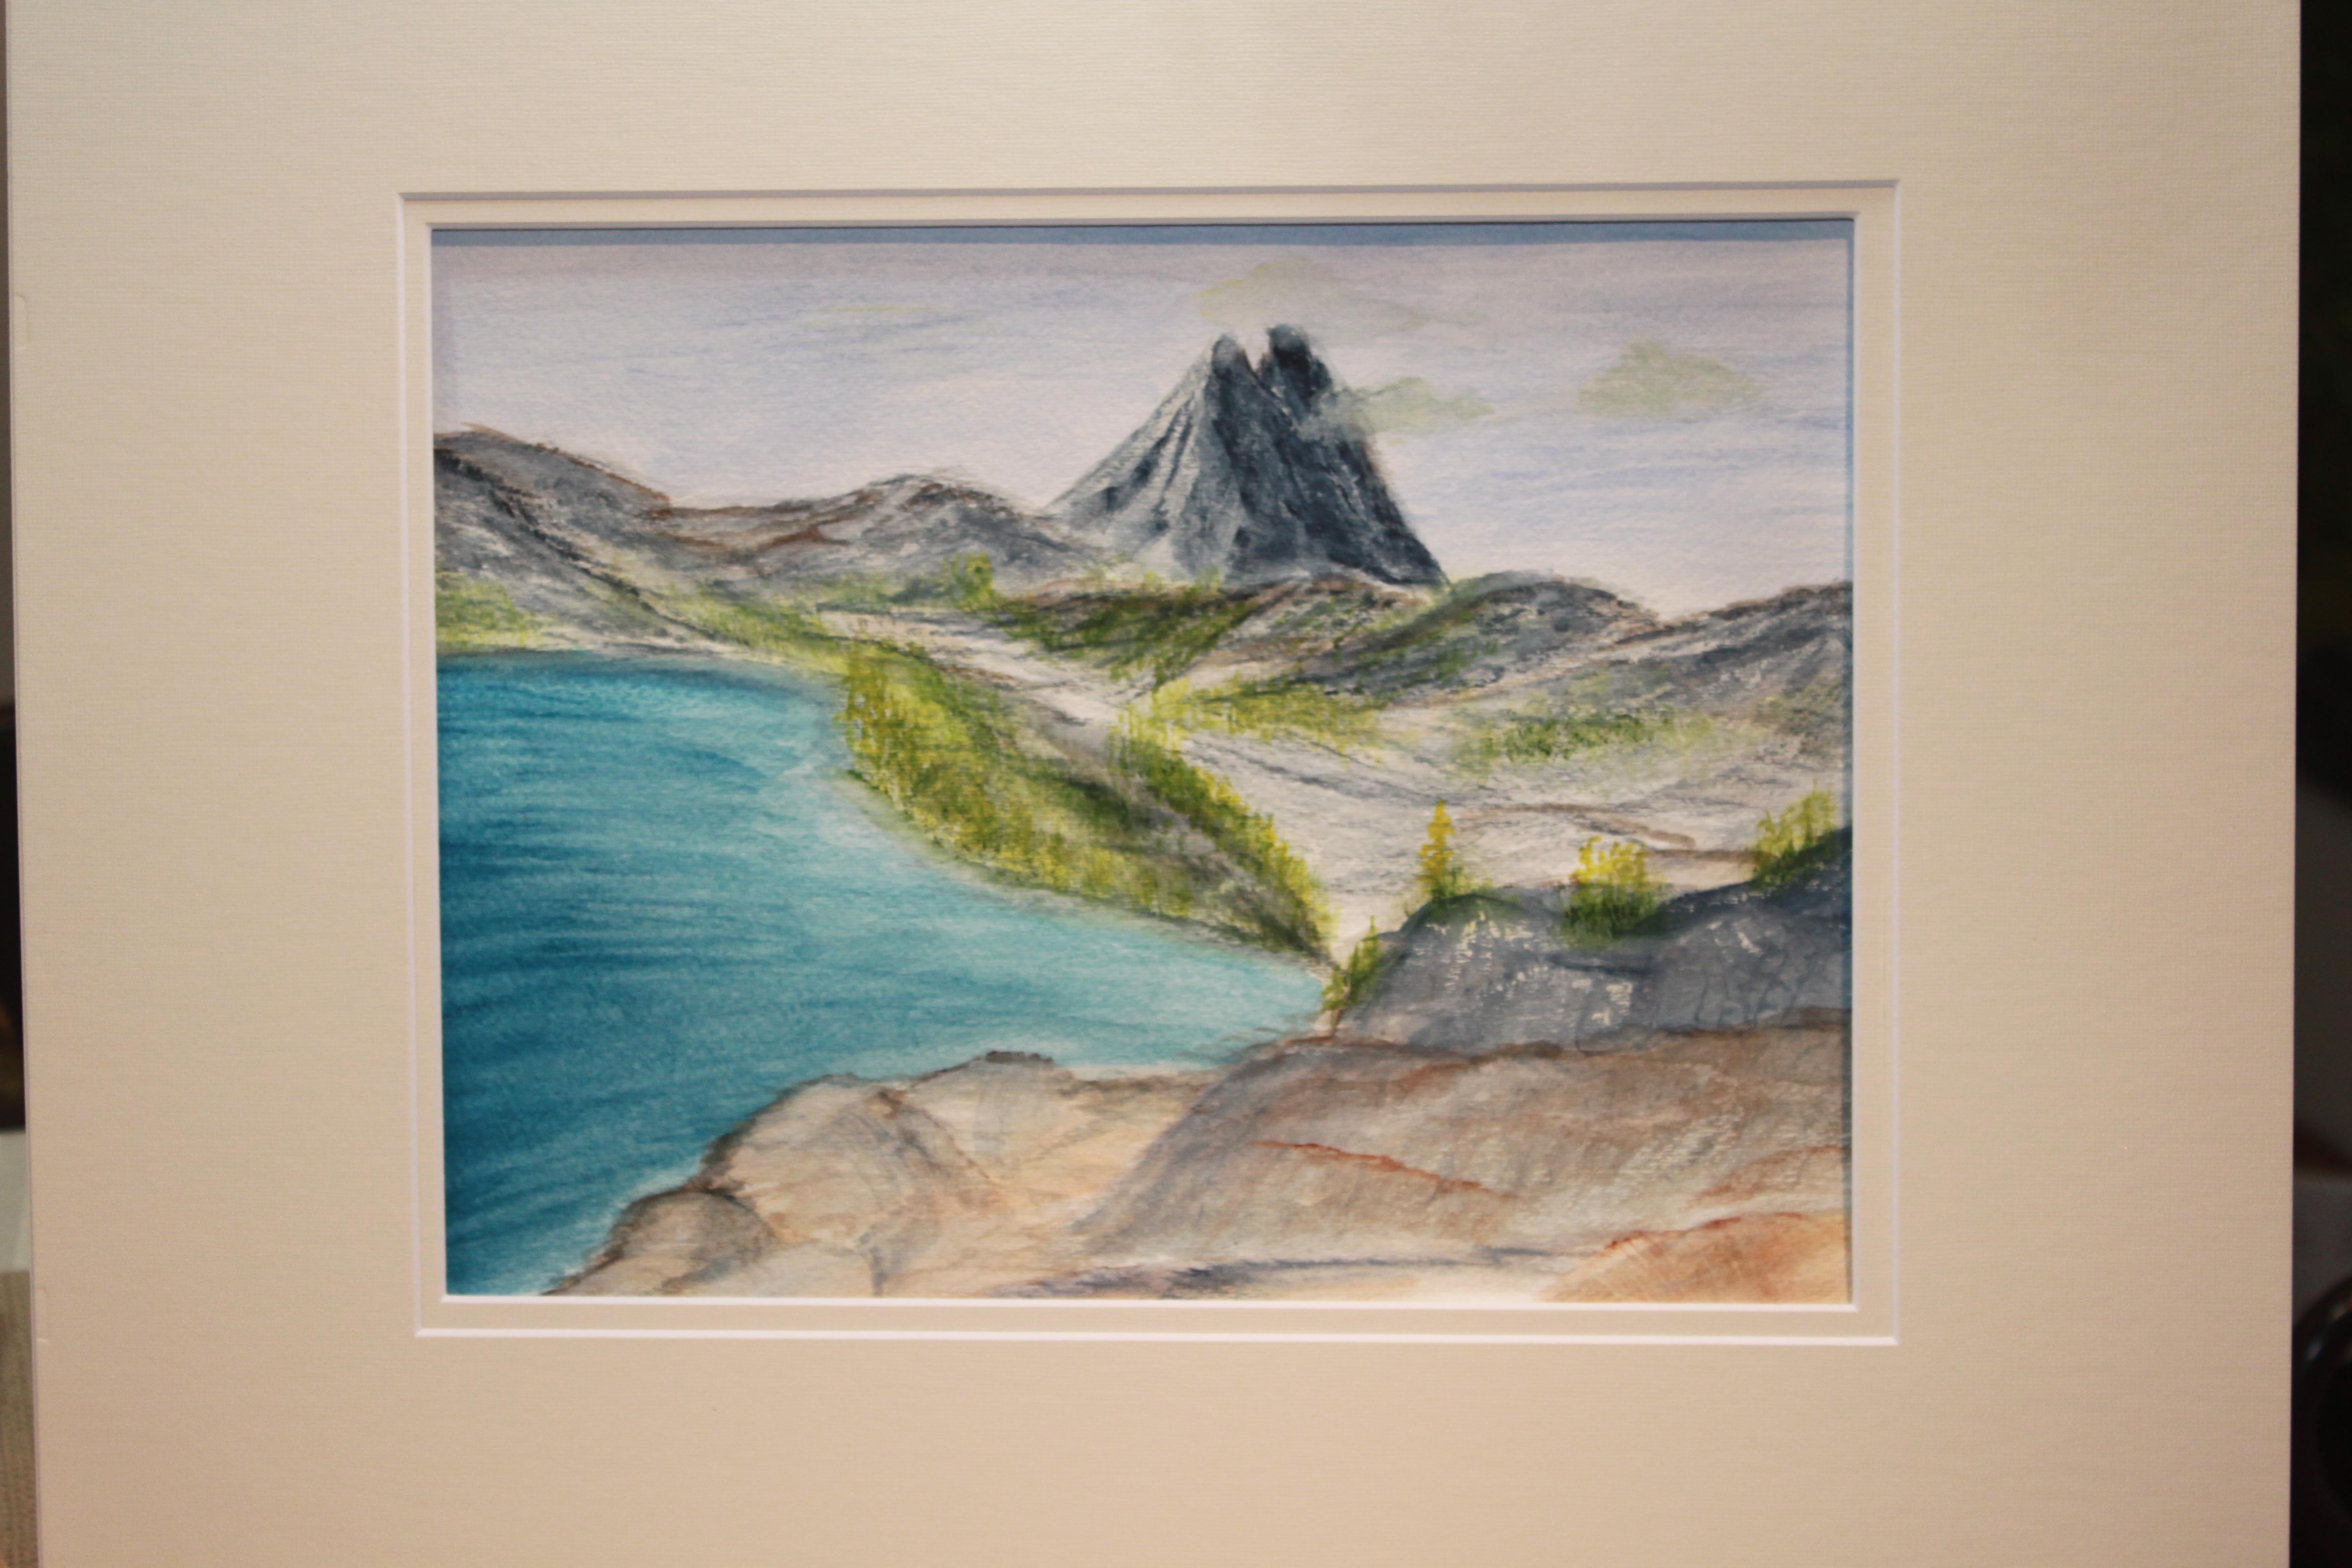 Fall mountain and lake